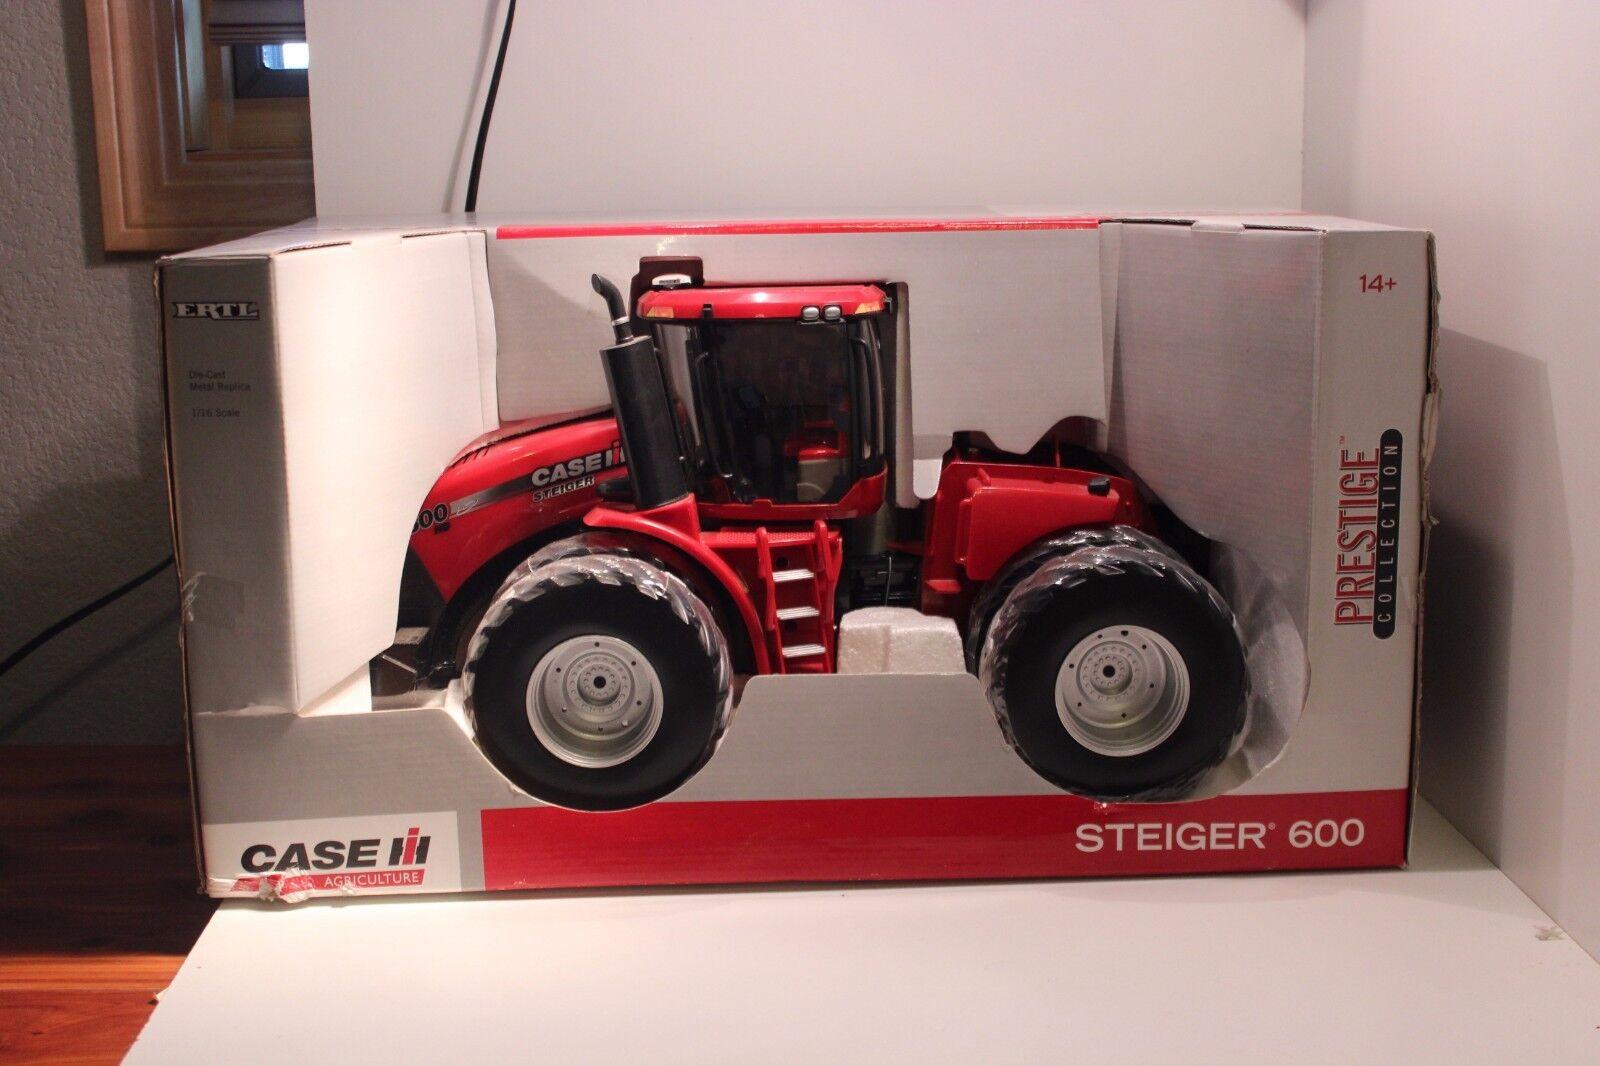 Ertl 1/16 Case IH Steiger 600 Tractor Colector de prestigio internacional 4wd H2F